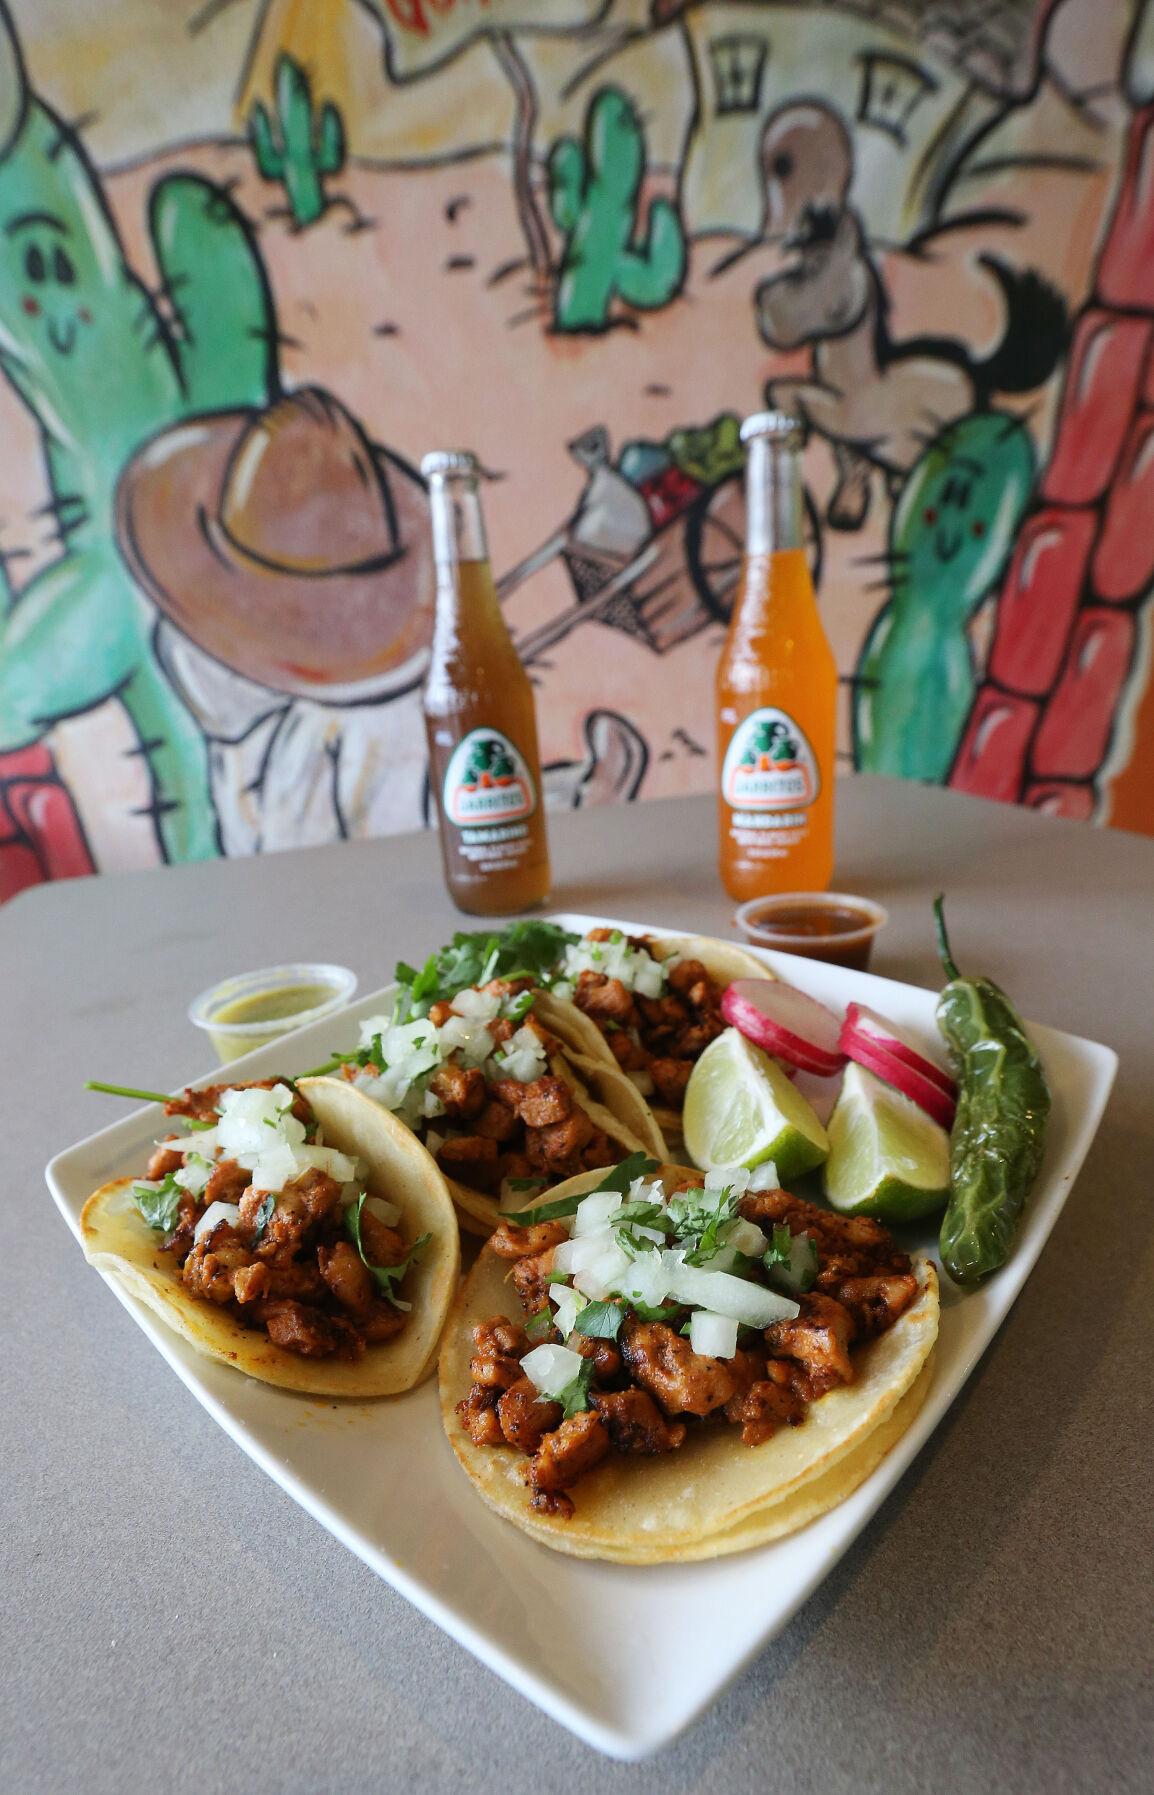 20210124-bc-Guapos taco plate